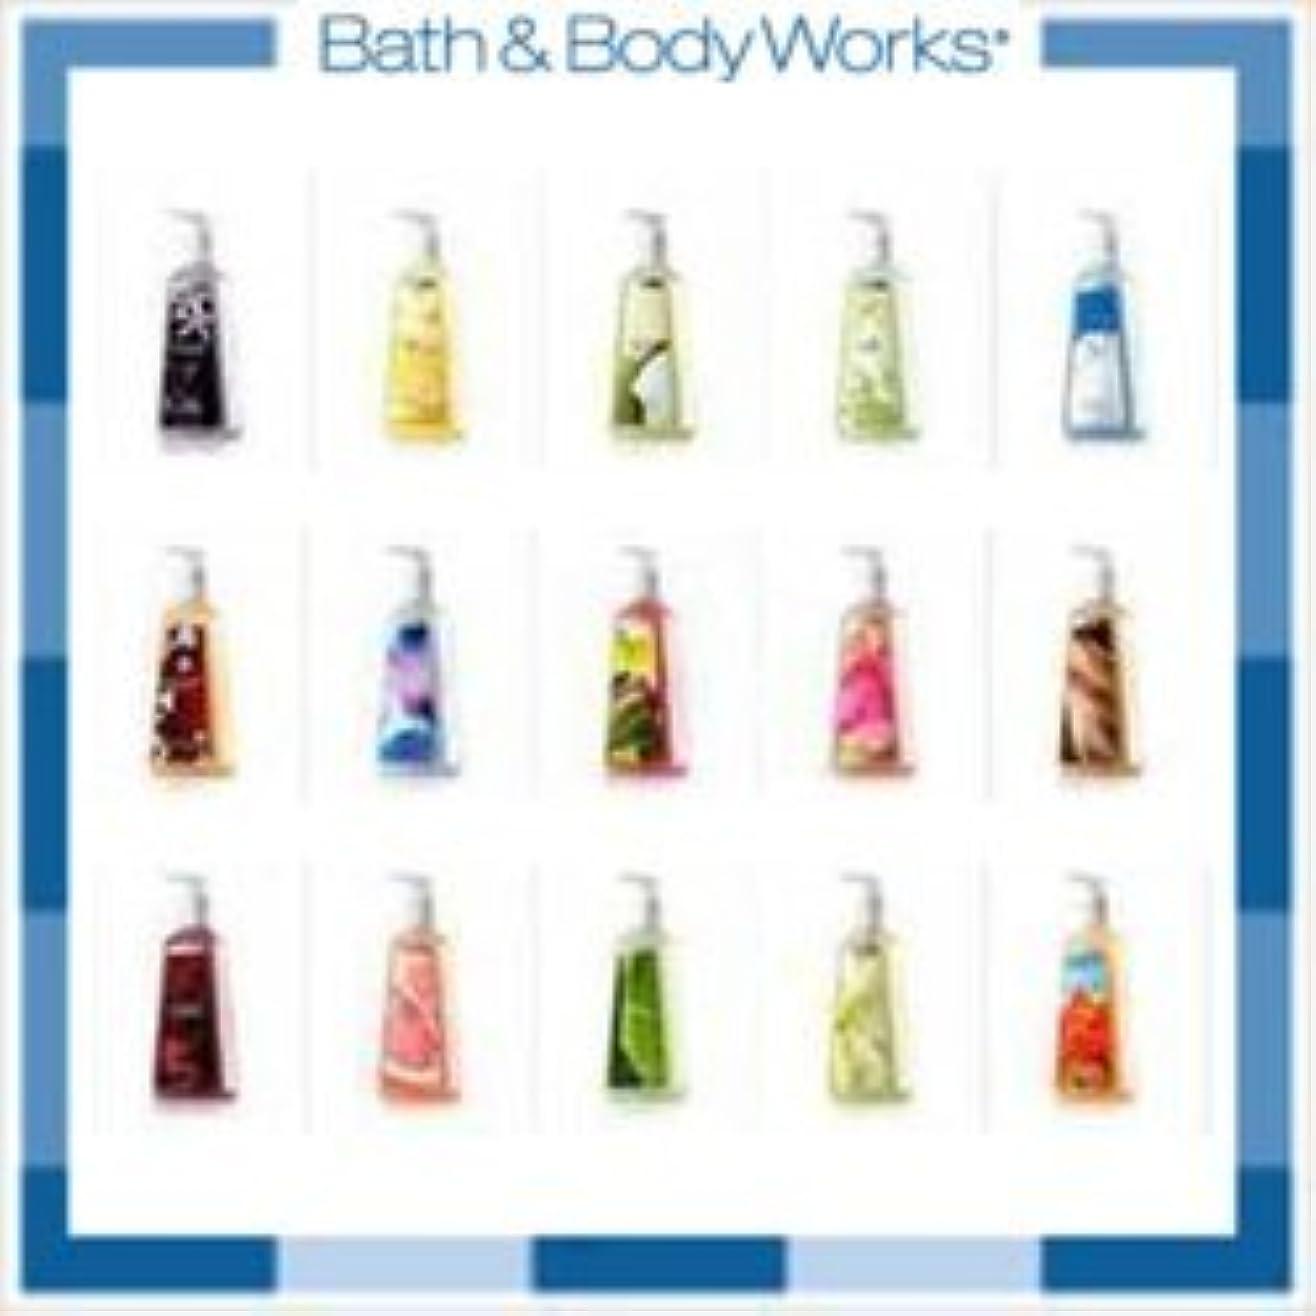 マダム折る優勢Bath and Body Works ハンドソープ ディープクレンジング 12本詰め合わせセット[海外直送品]